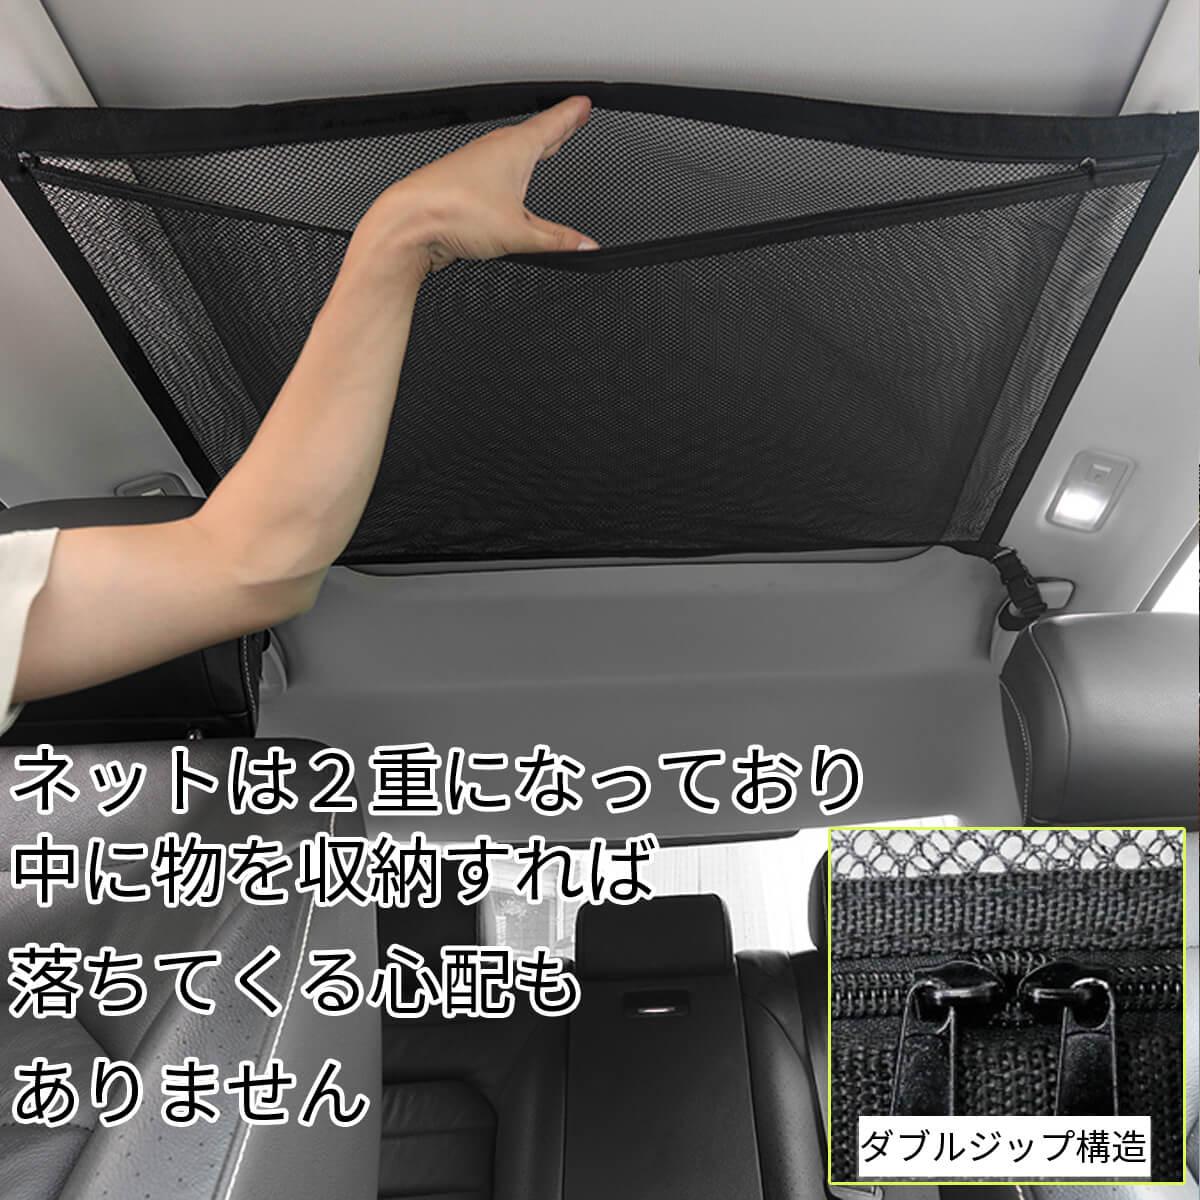 車用 天井収納ネット二重構造